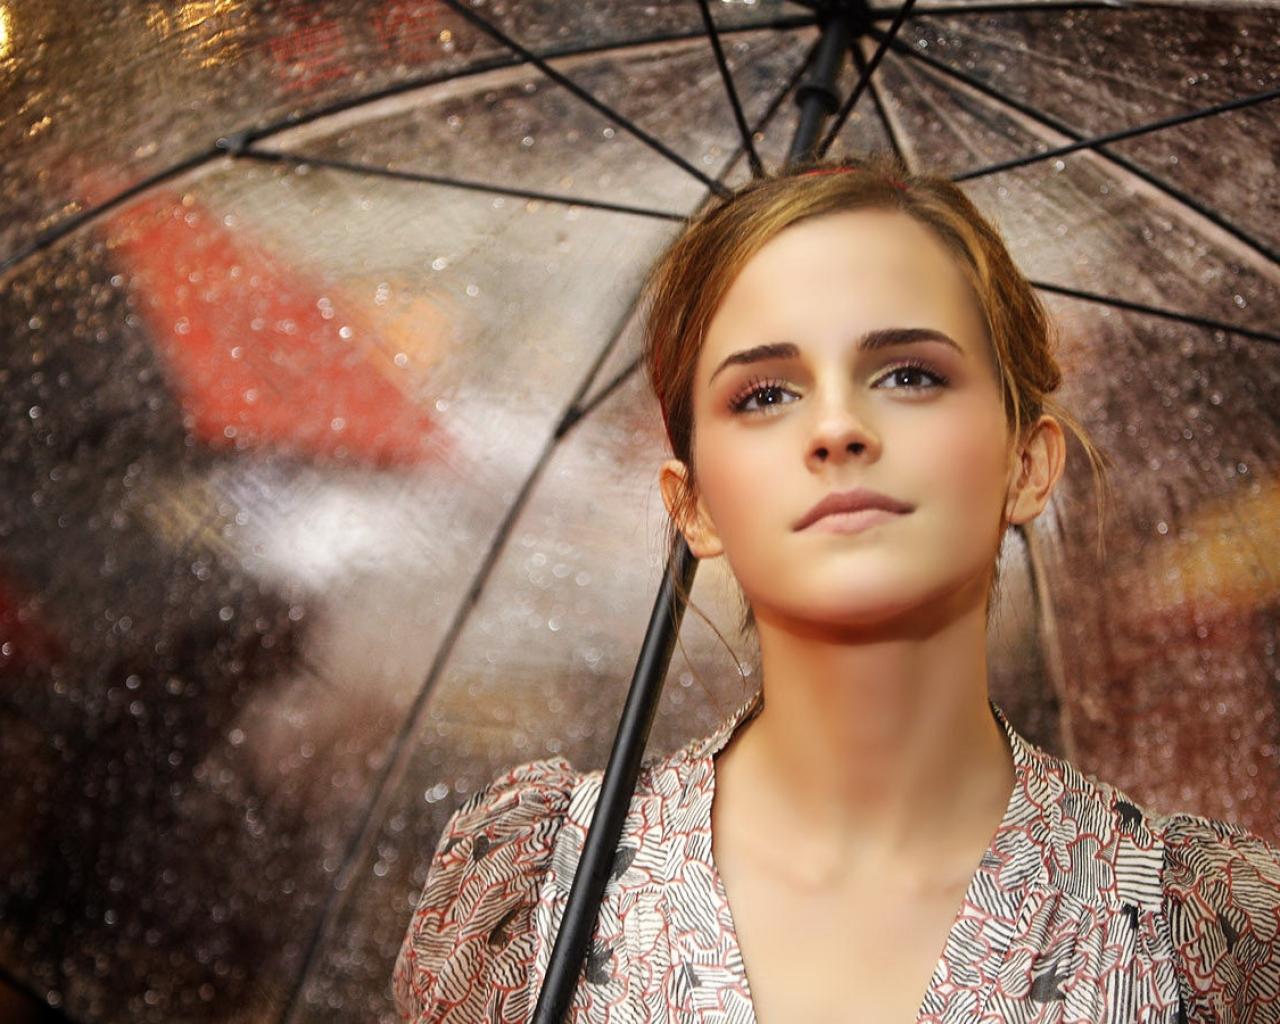 Emma Watson con paraguas - 1280x1024